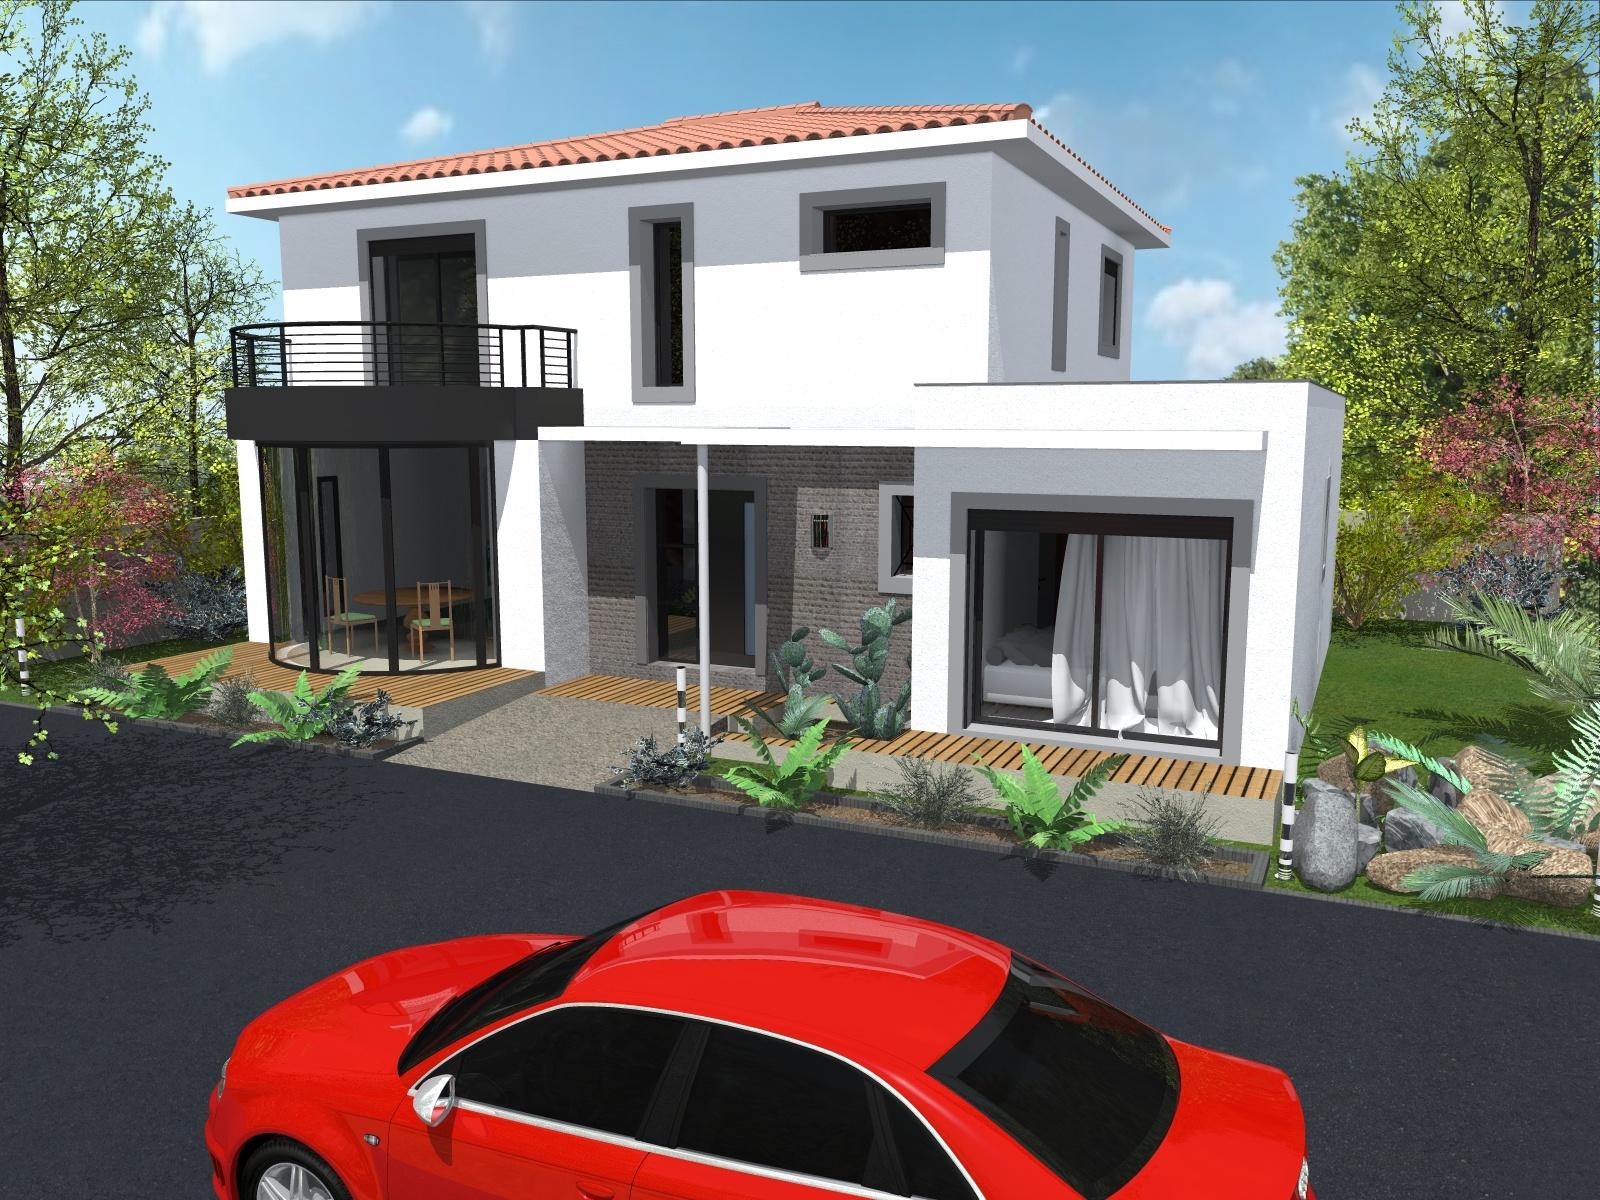 Maisons + Terrains du constructeur ART ET TRADITION MEDITERRANEE • 154 m² • PERNES LES FONTAINES